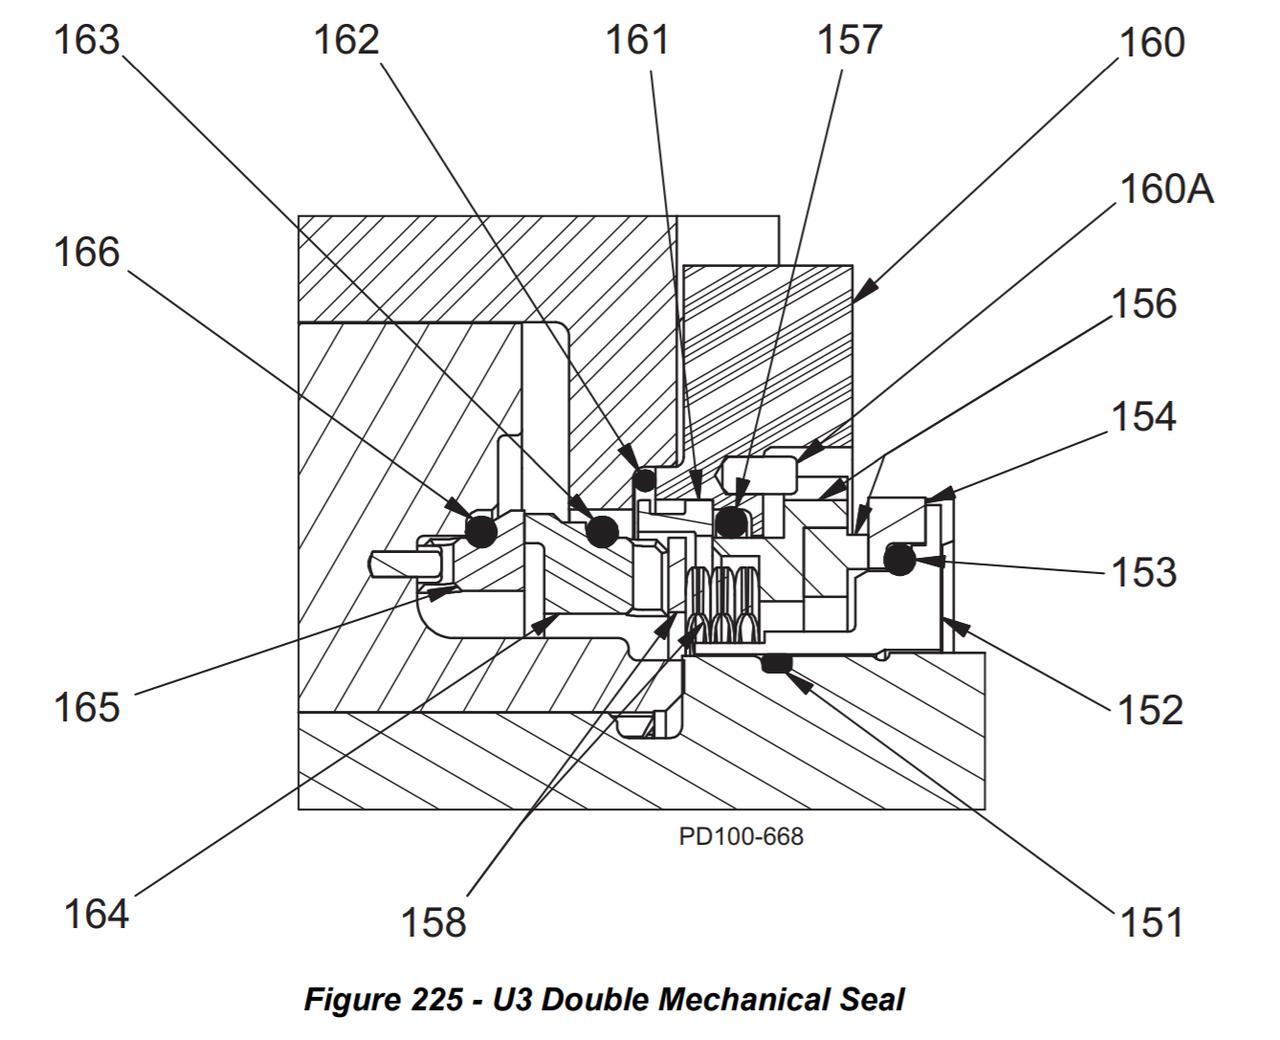 U3 Pump Double Mechanical Seal Kit parts.